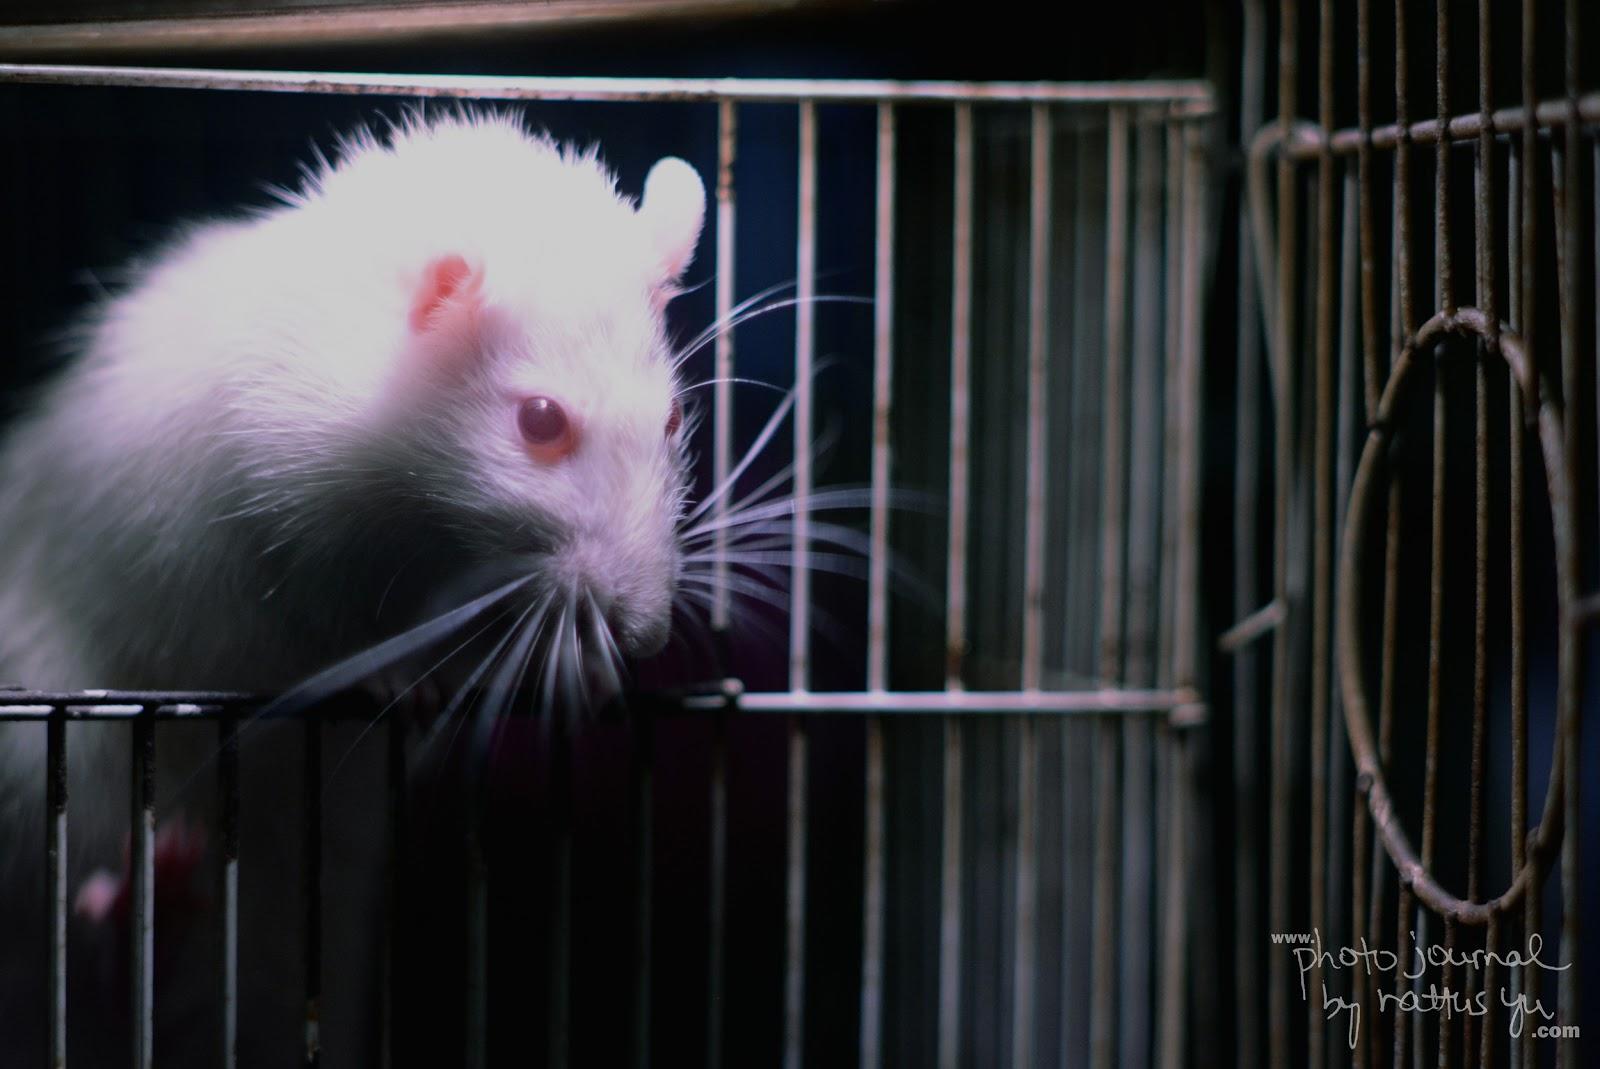 When A Cat Steals A Rat's Food...